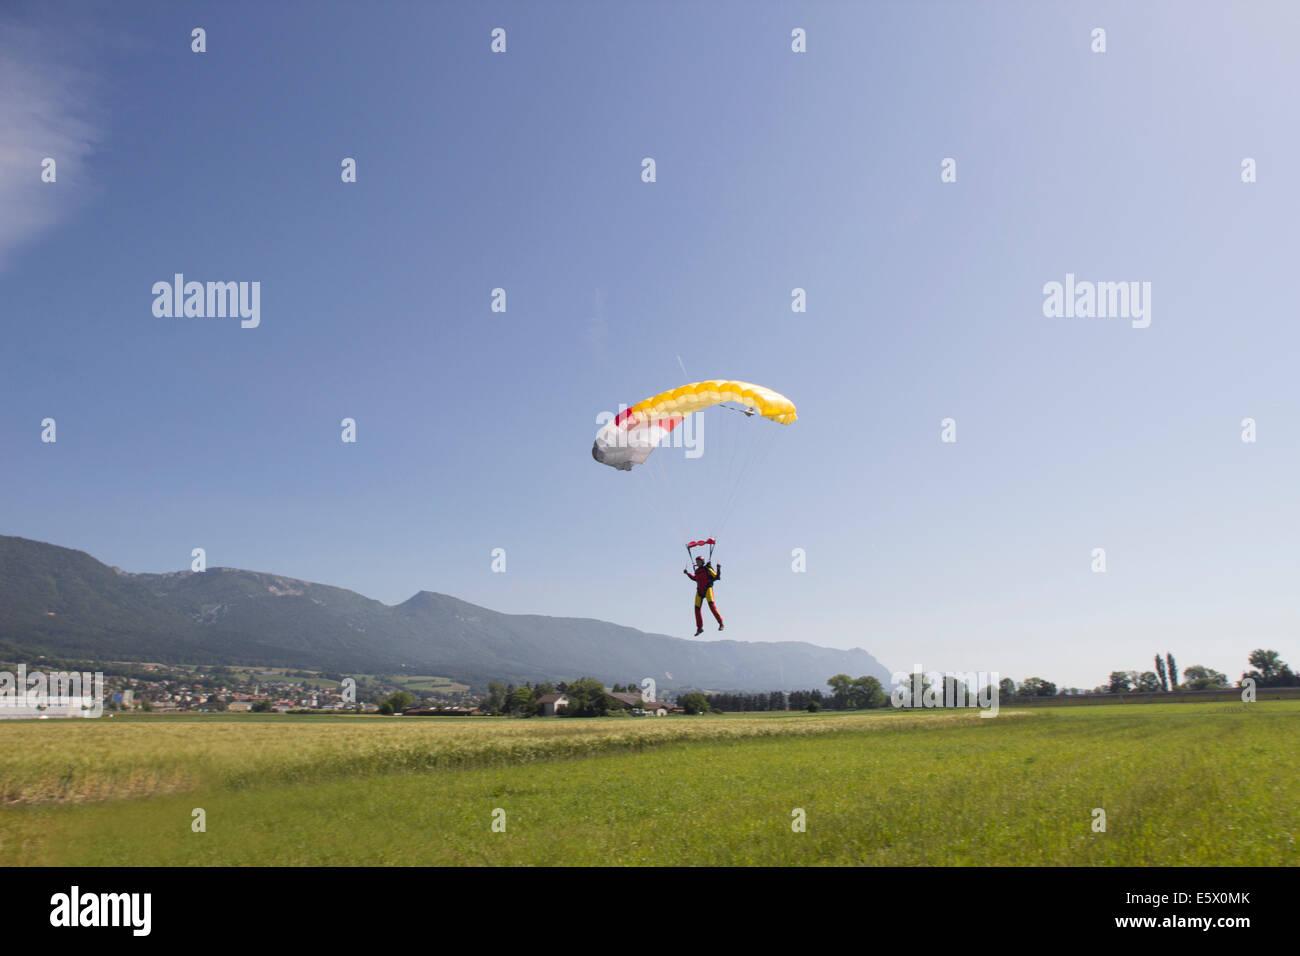 Paracaidista femenina paracaidismo en el campo, acercándose a la zona de aterrizaje, Grenchen, Berna, Suiza Imagen De Stock